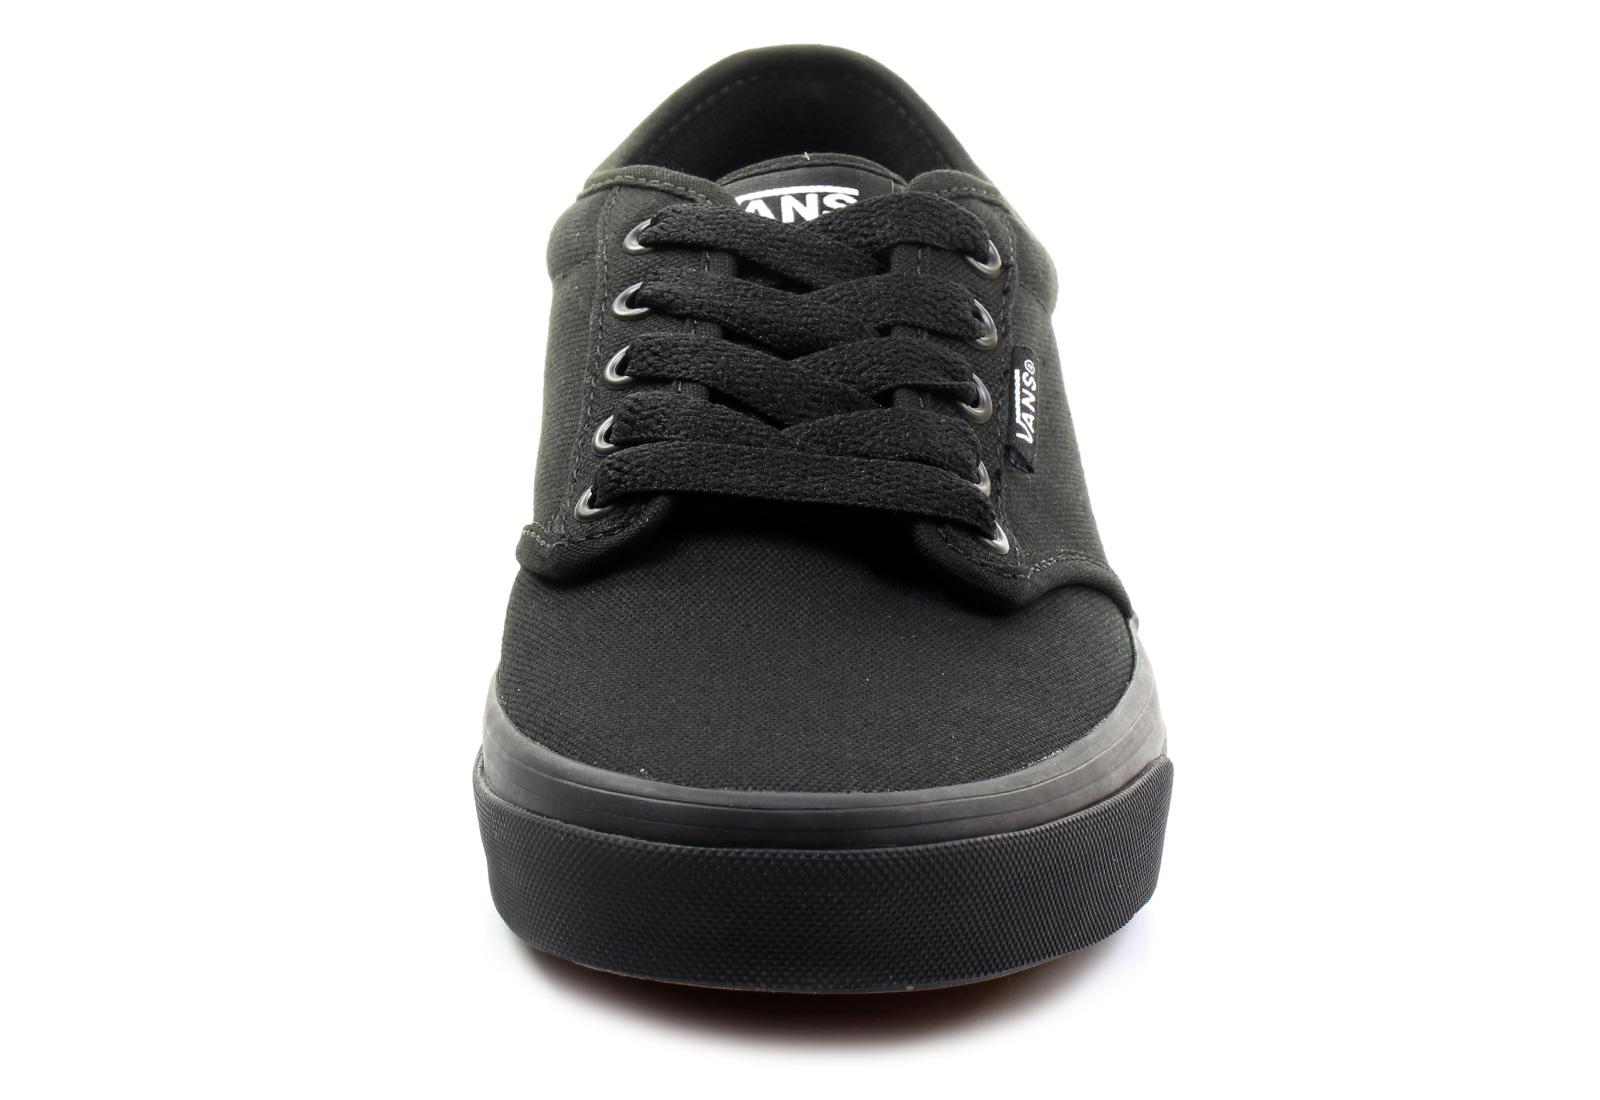 Vans Cipő Mn Atwood VTUY186 Office Shoes Magyarország